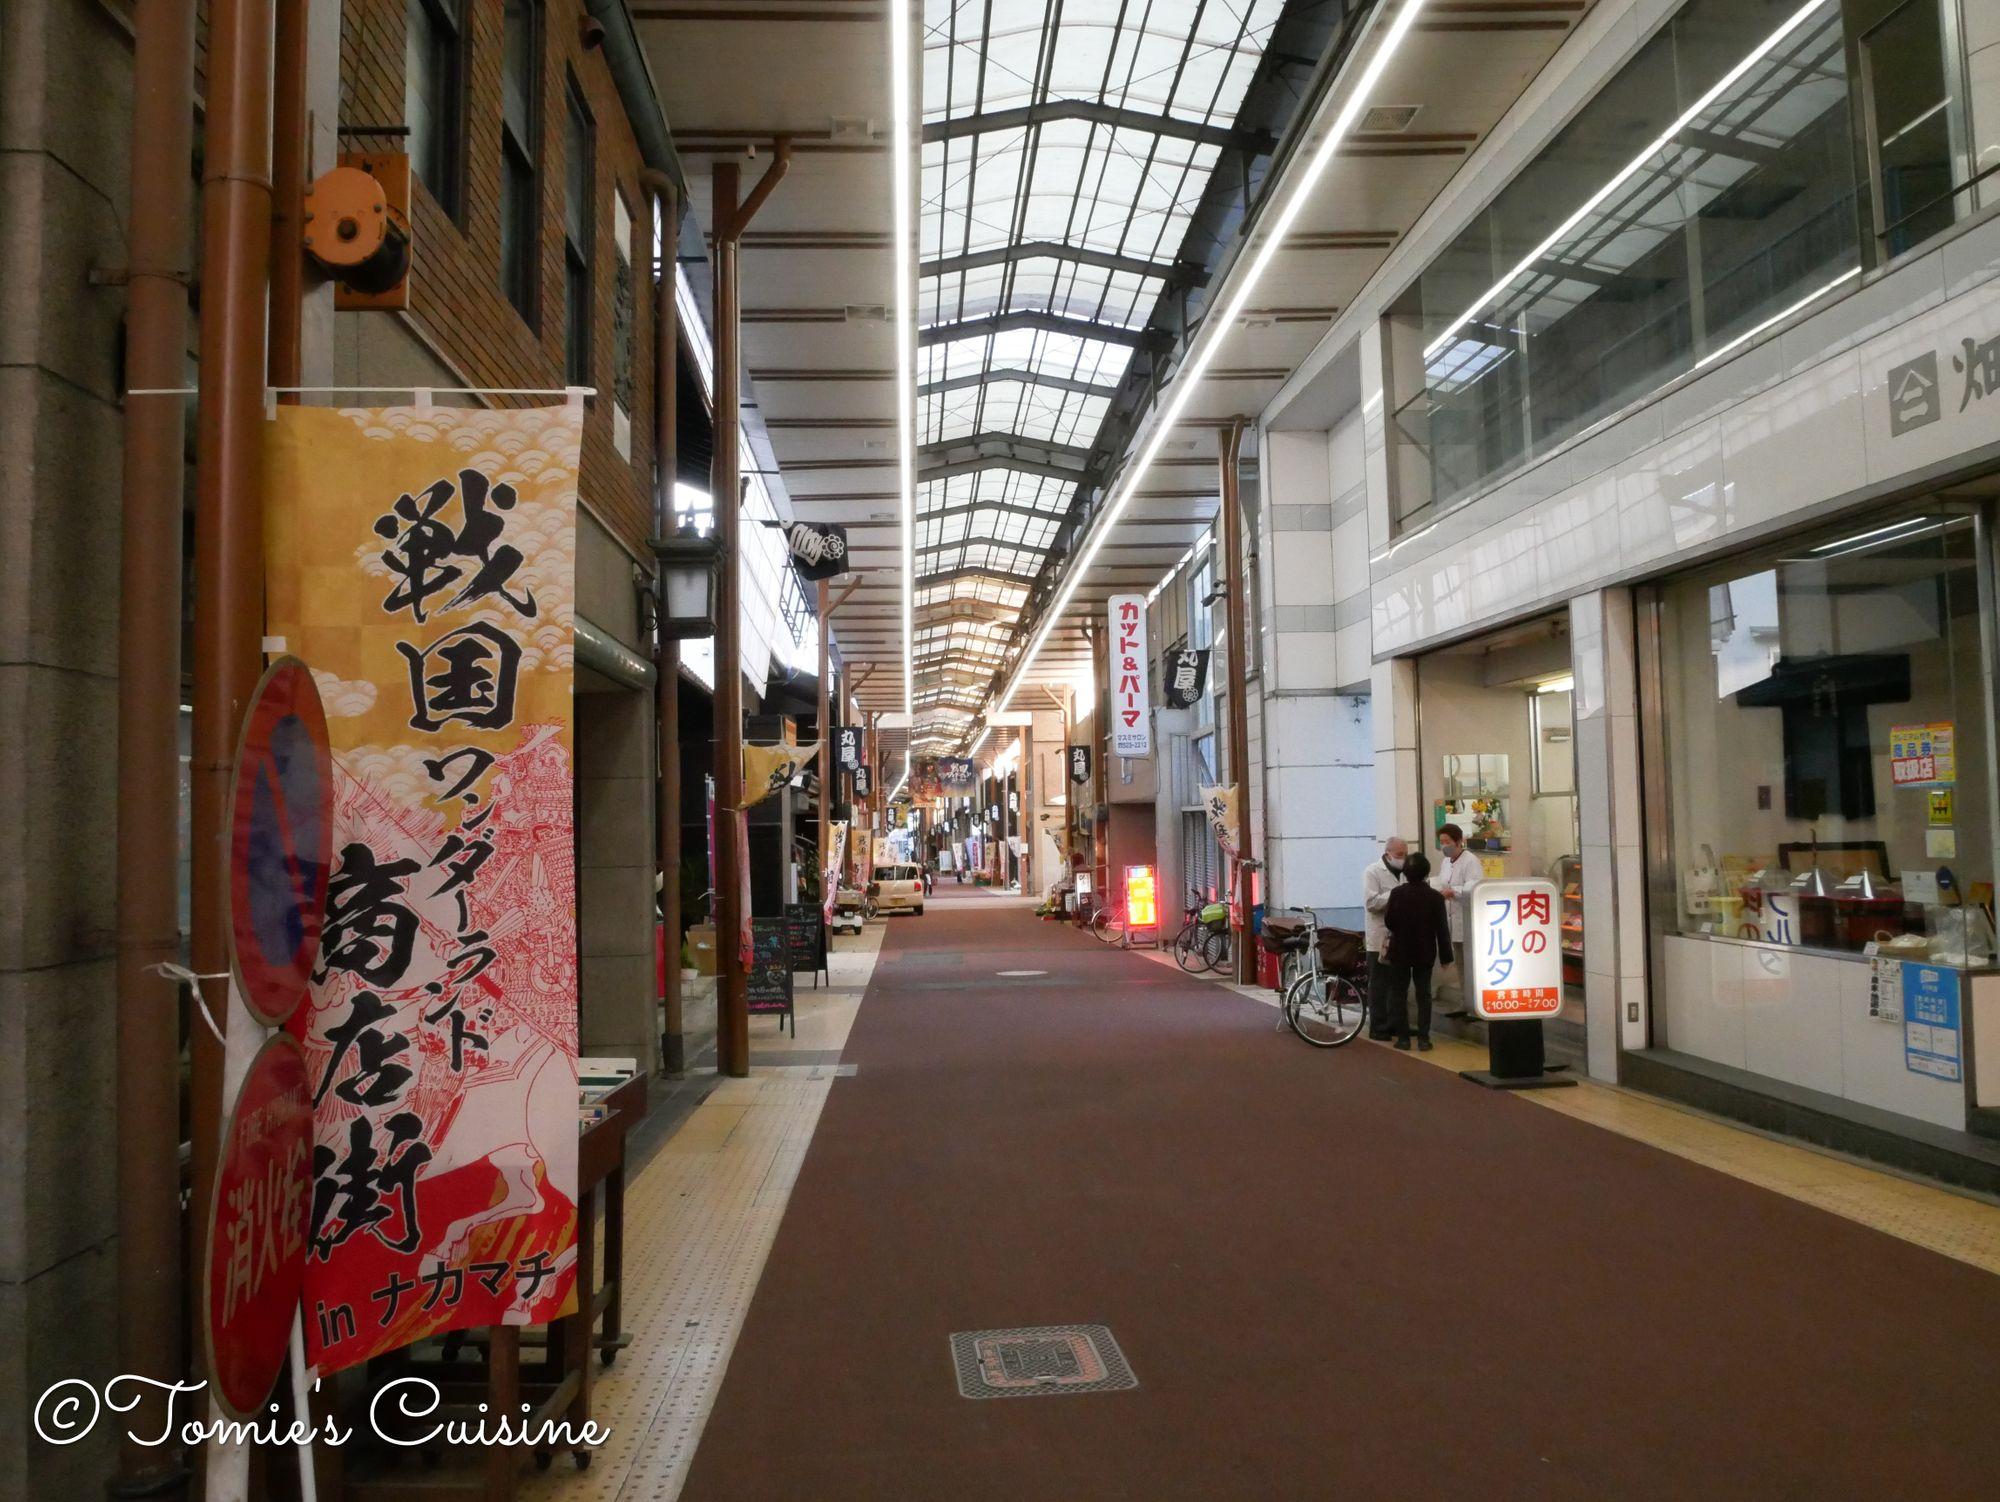 Nakamachi shoutengai, where we adopted 3 Tanuki